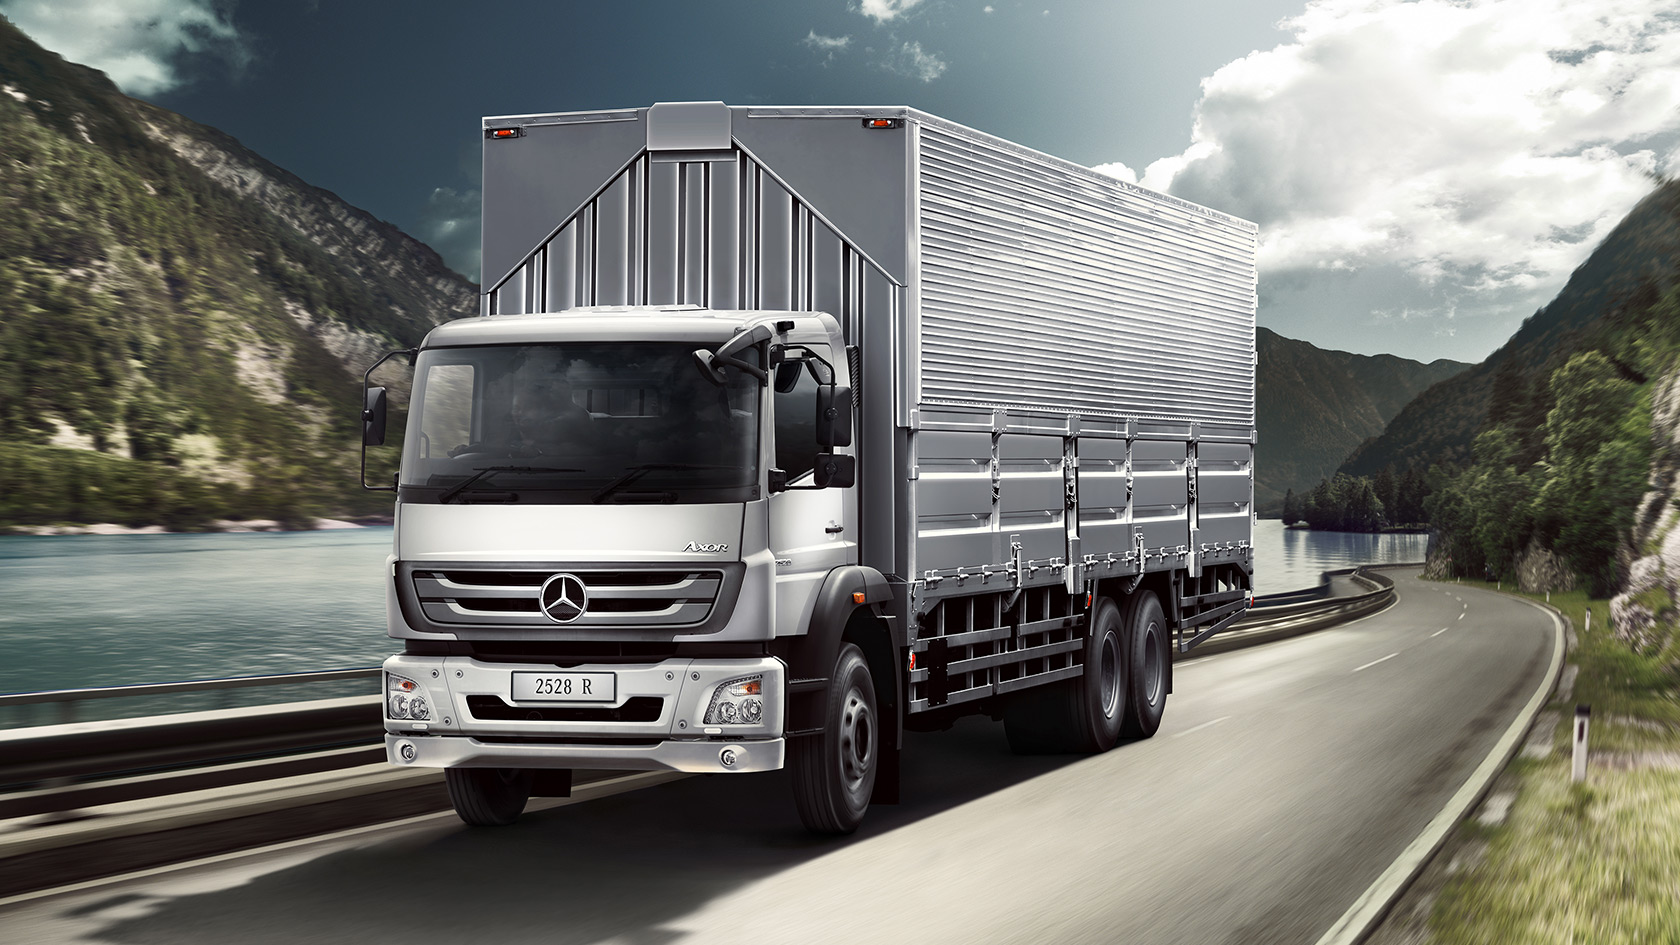 Mercedes Benz Trucks >> Technical Data Mercedes Benz Trucks